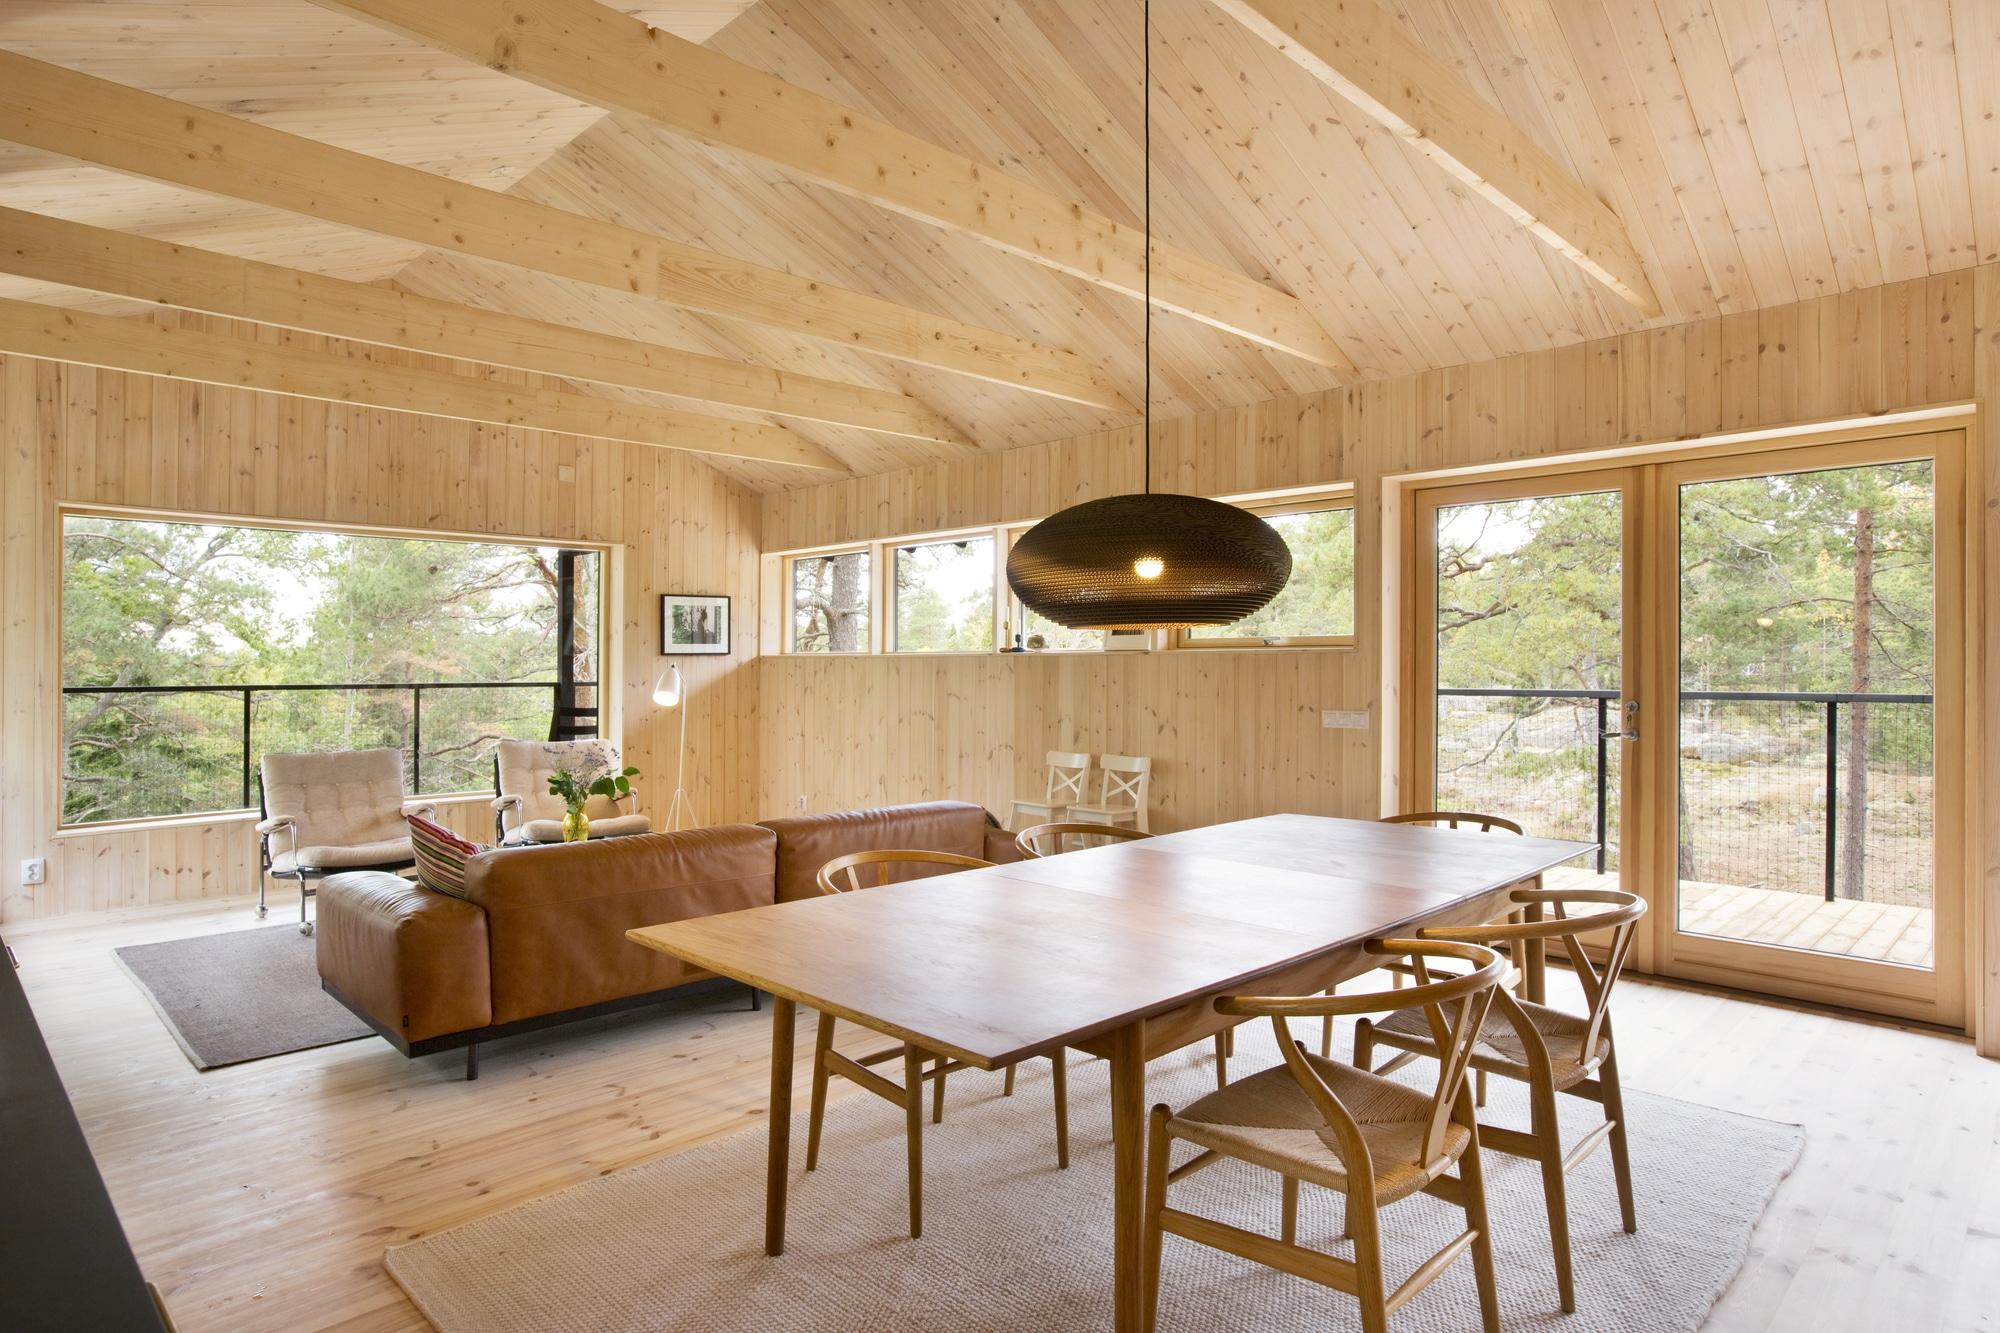 Dise o de casa peque a de madera fachada planos interior for Diseno de casas interior y exterior